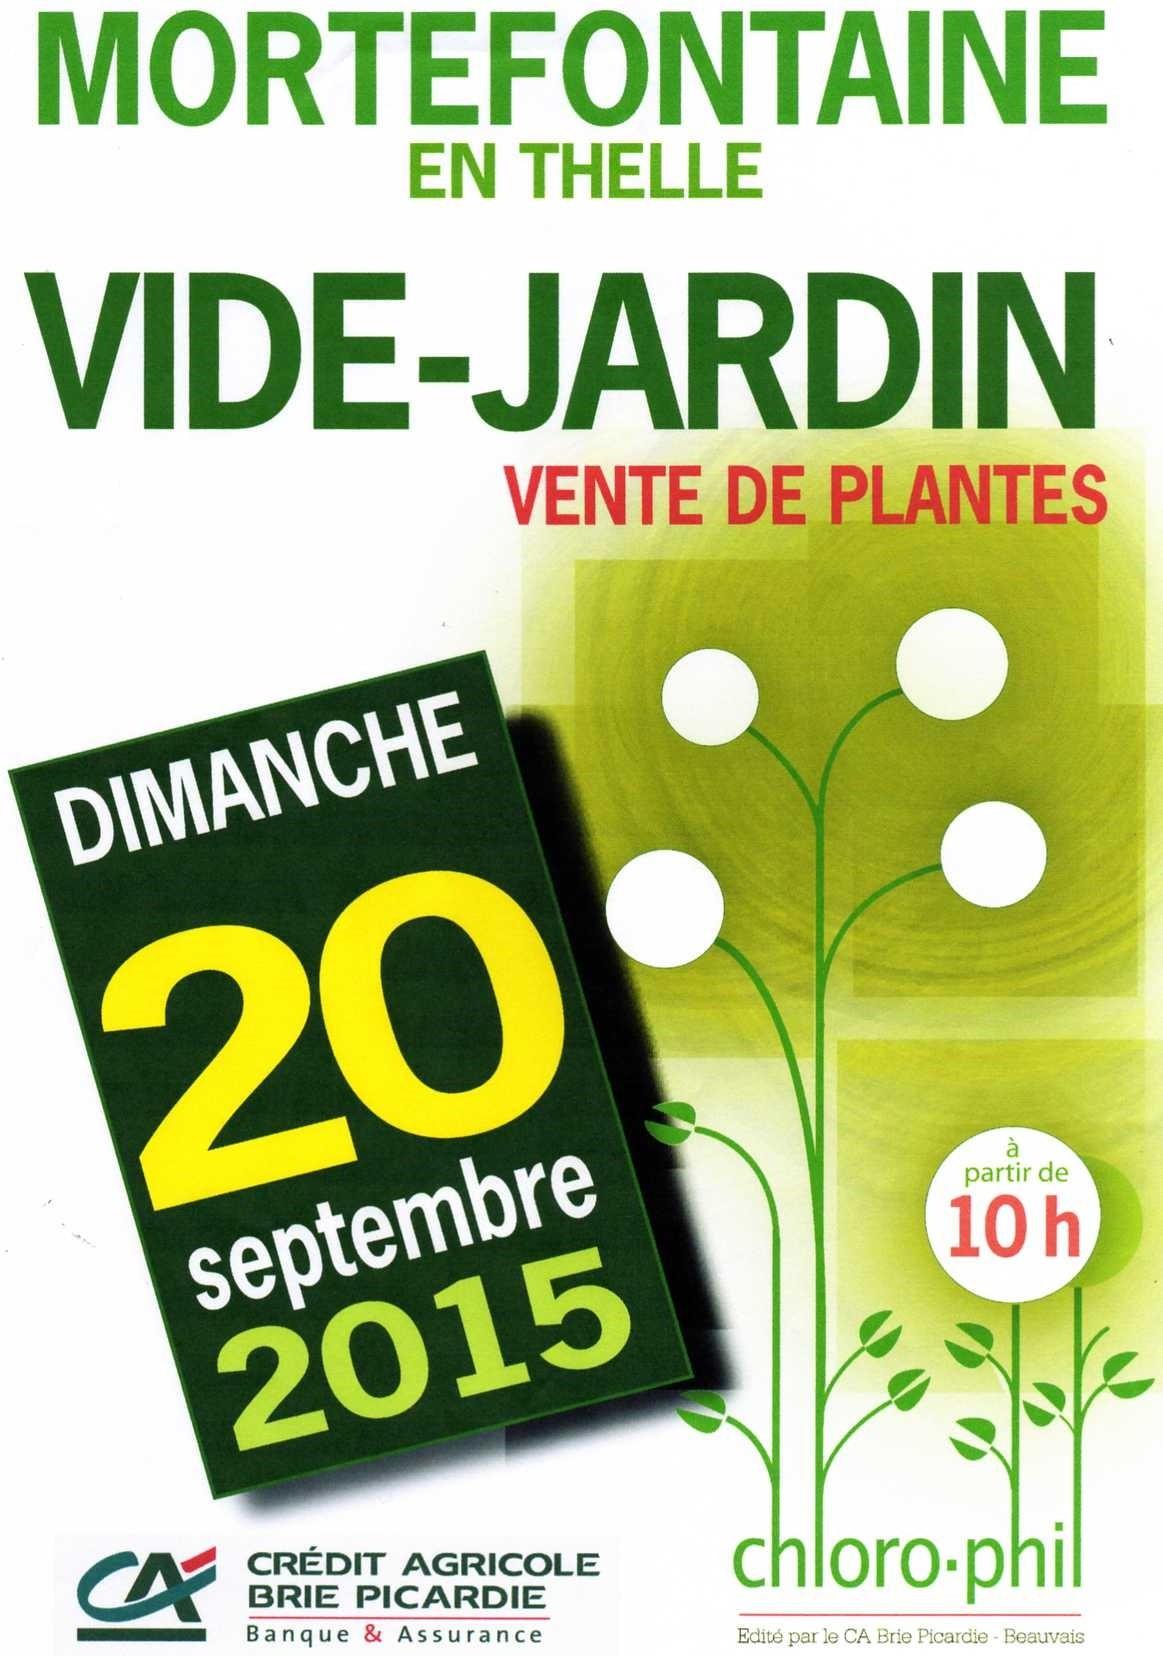 Vide jardin agenda for Vide jardin tremeoc 2015